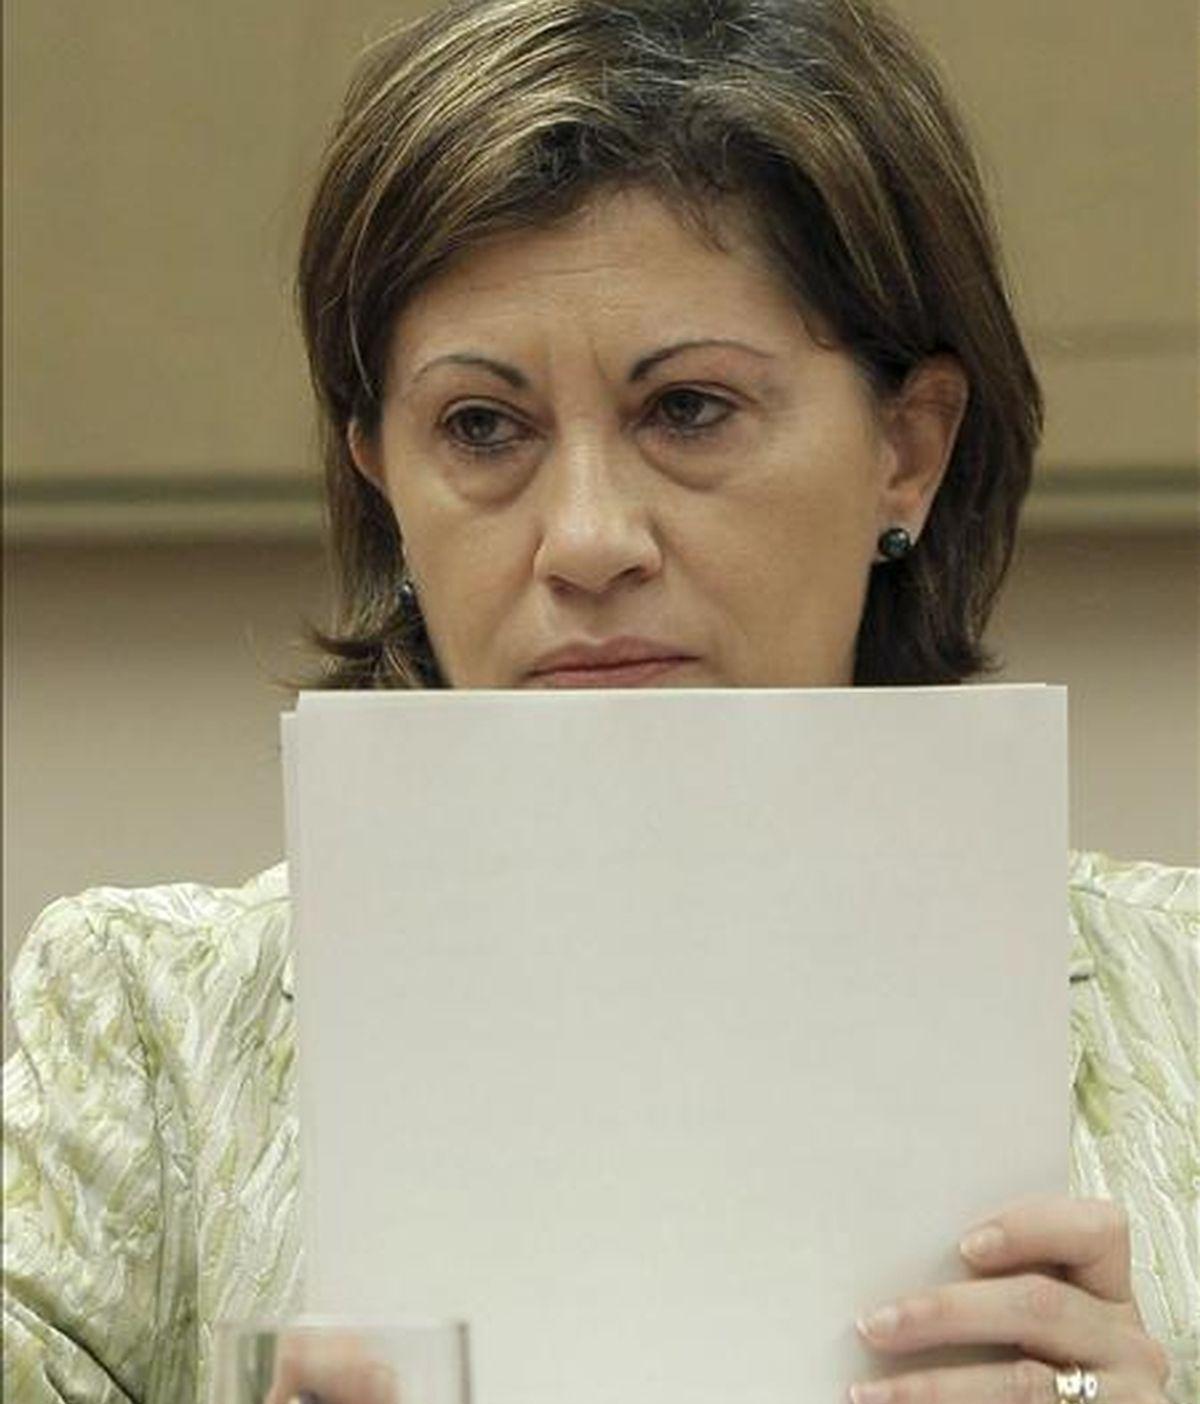 La ministra de Medio Ambiente Rural y Marino, Elena Espinosa, prepara sus documentos antes de iniciar hoy su comparecencia, en la comisión Mixta para la UE, para informar de los resultados de la presidencia española de la UE. EFE